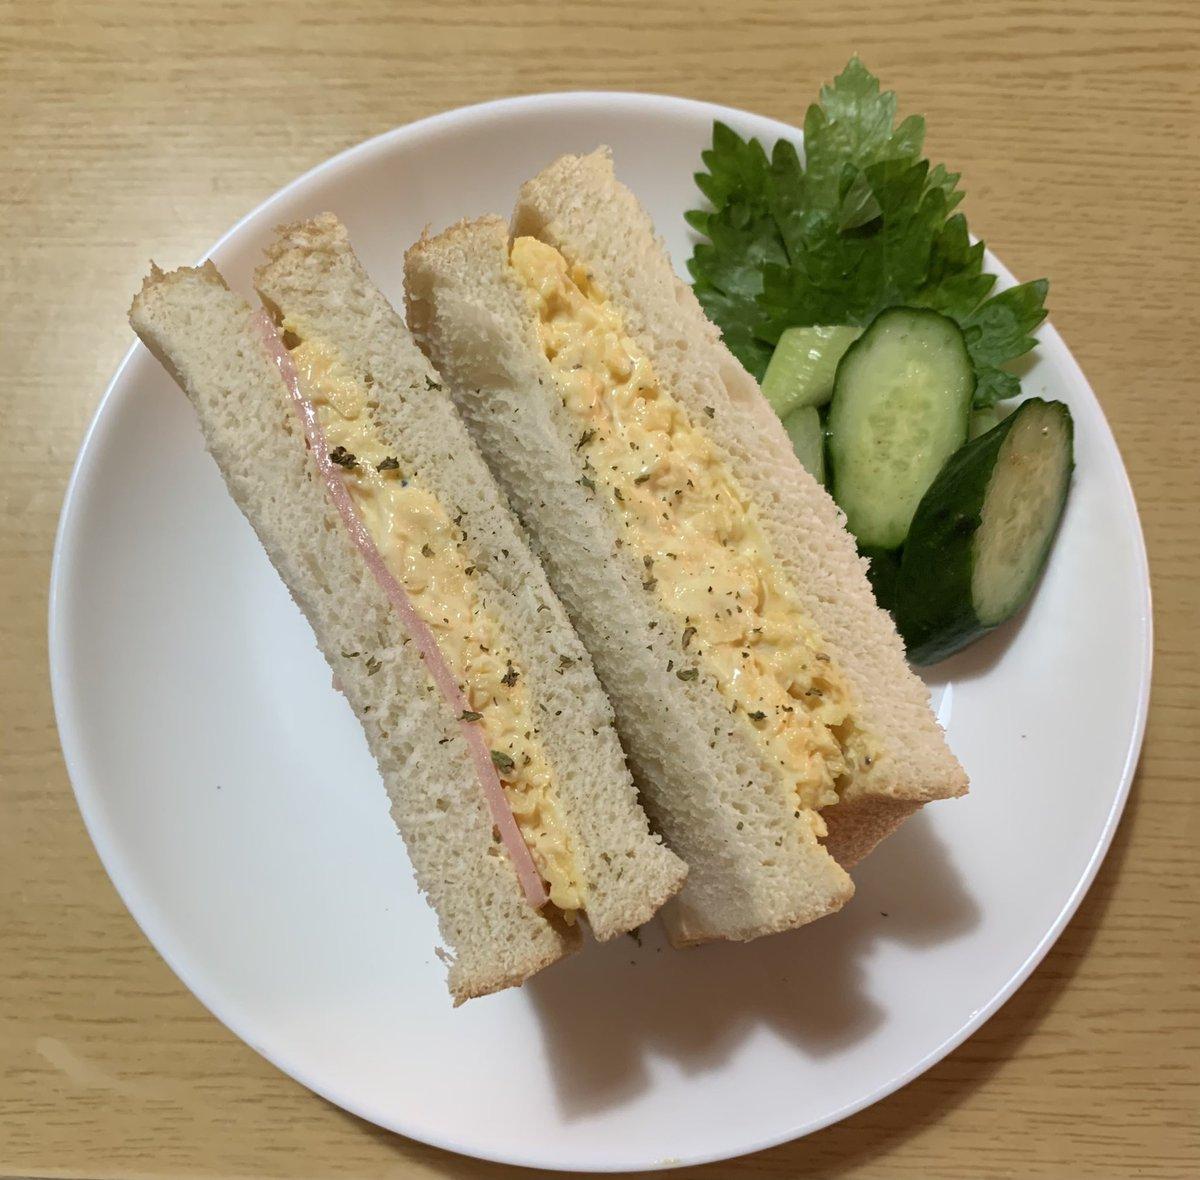 サンドイッチ作りましたスクランブルエッグにマヨネーズ絡めたカンタンサンドイッチ🥪